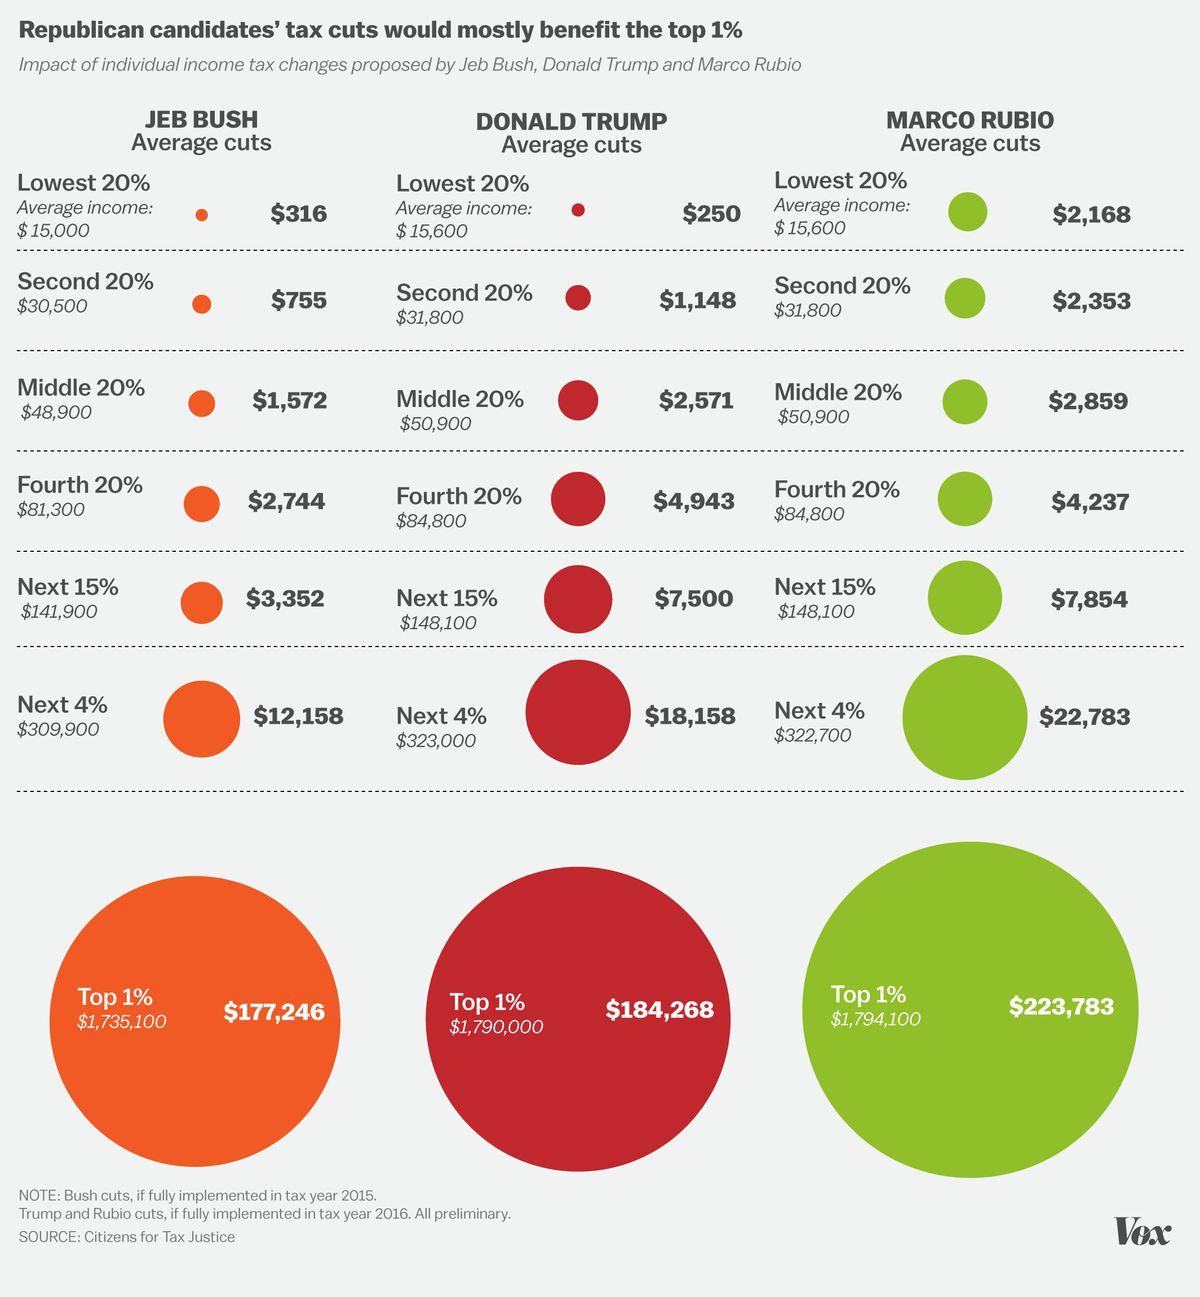 Bush, Trump, and Rubio tax plans, compared